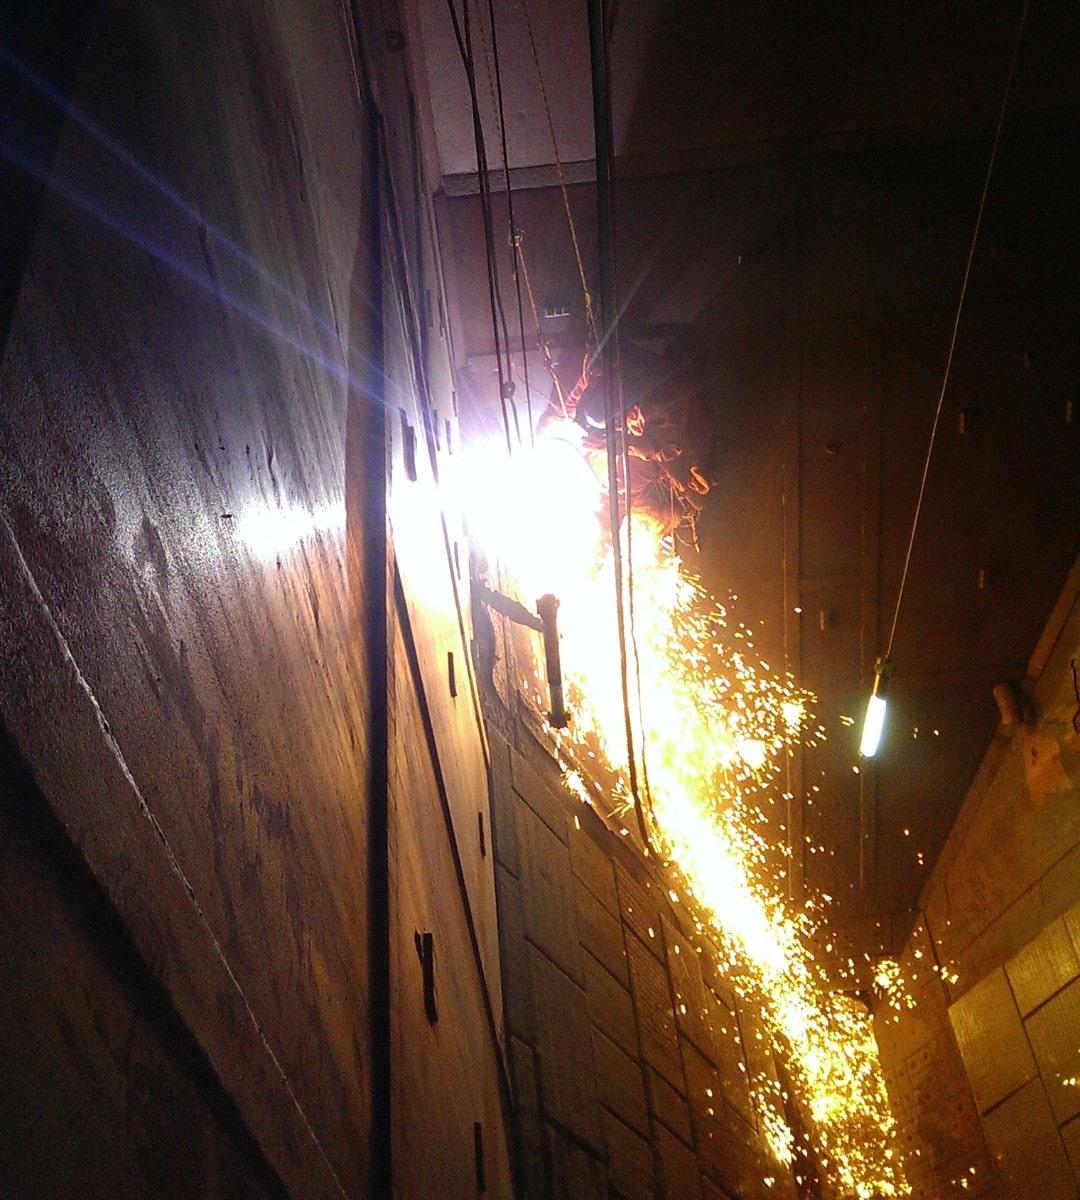 bhp iron ore maintenance wa other service